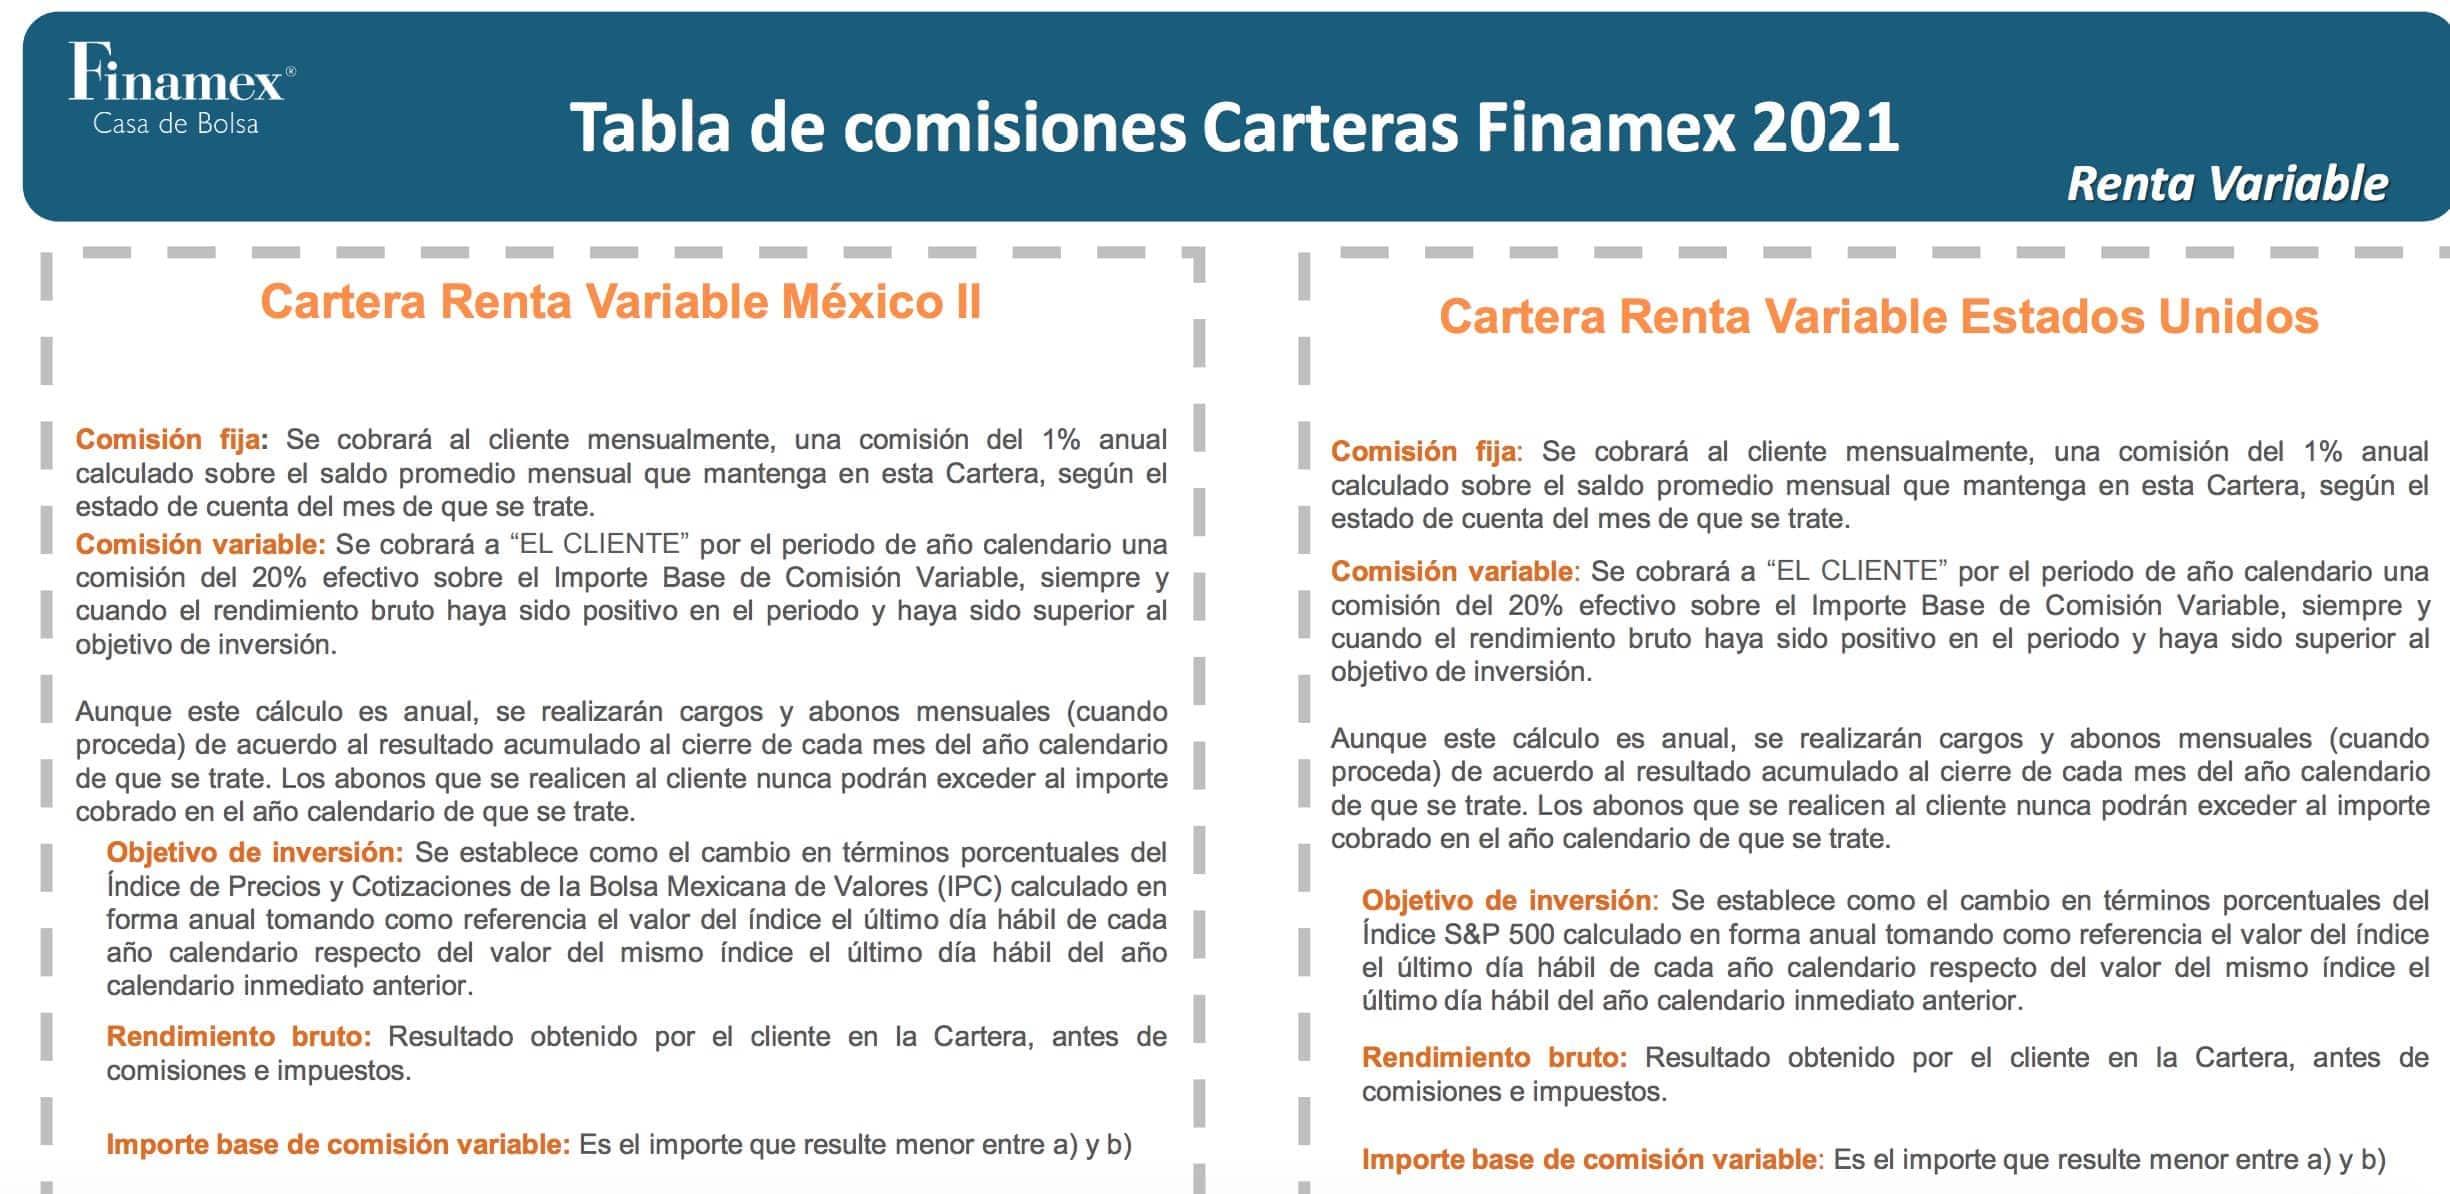 Finamex comisiones